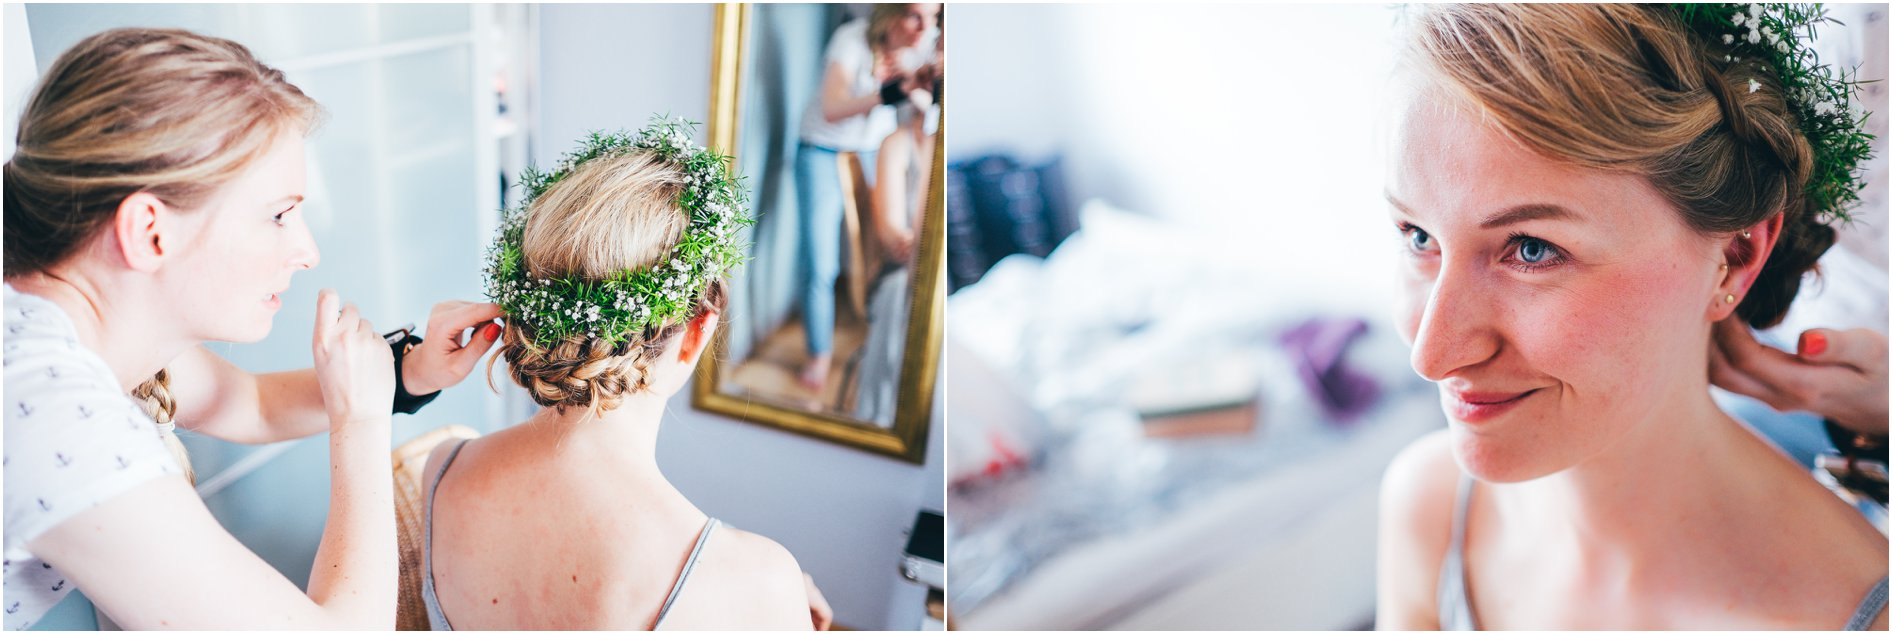 2014-10-13_0068 Jenny & Matthias - Hochzeitsfotograf auf Gut Bardenhagen